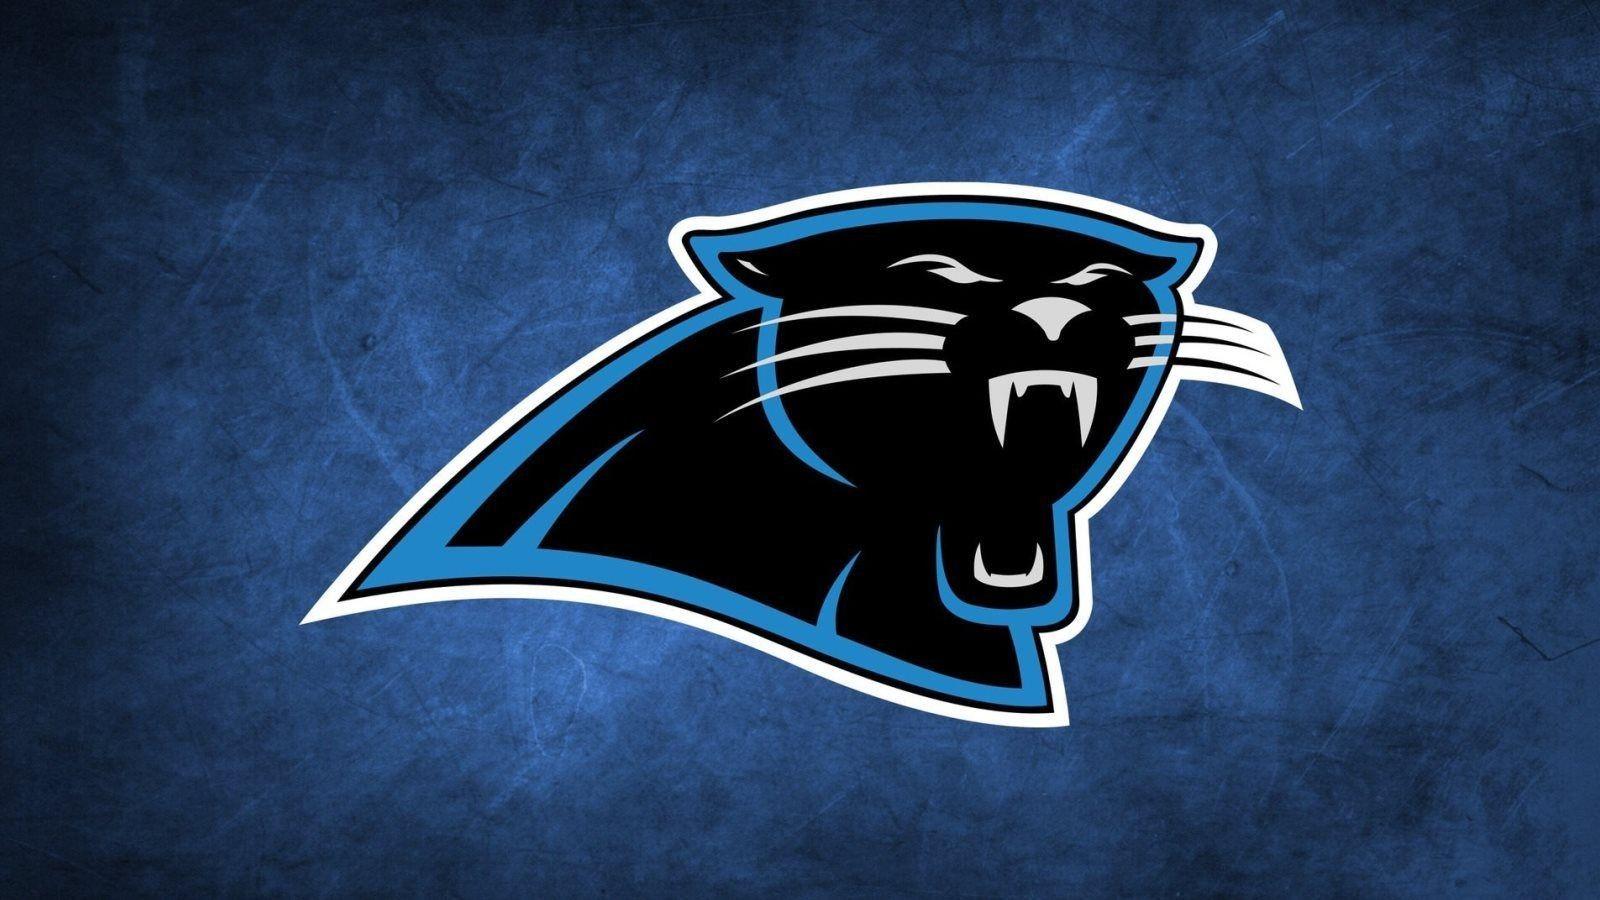 Panthers Carolina panthers wallpaper, Carolina panthers